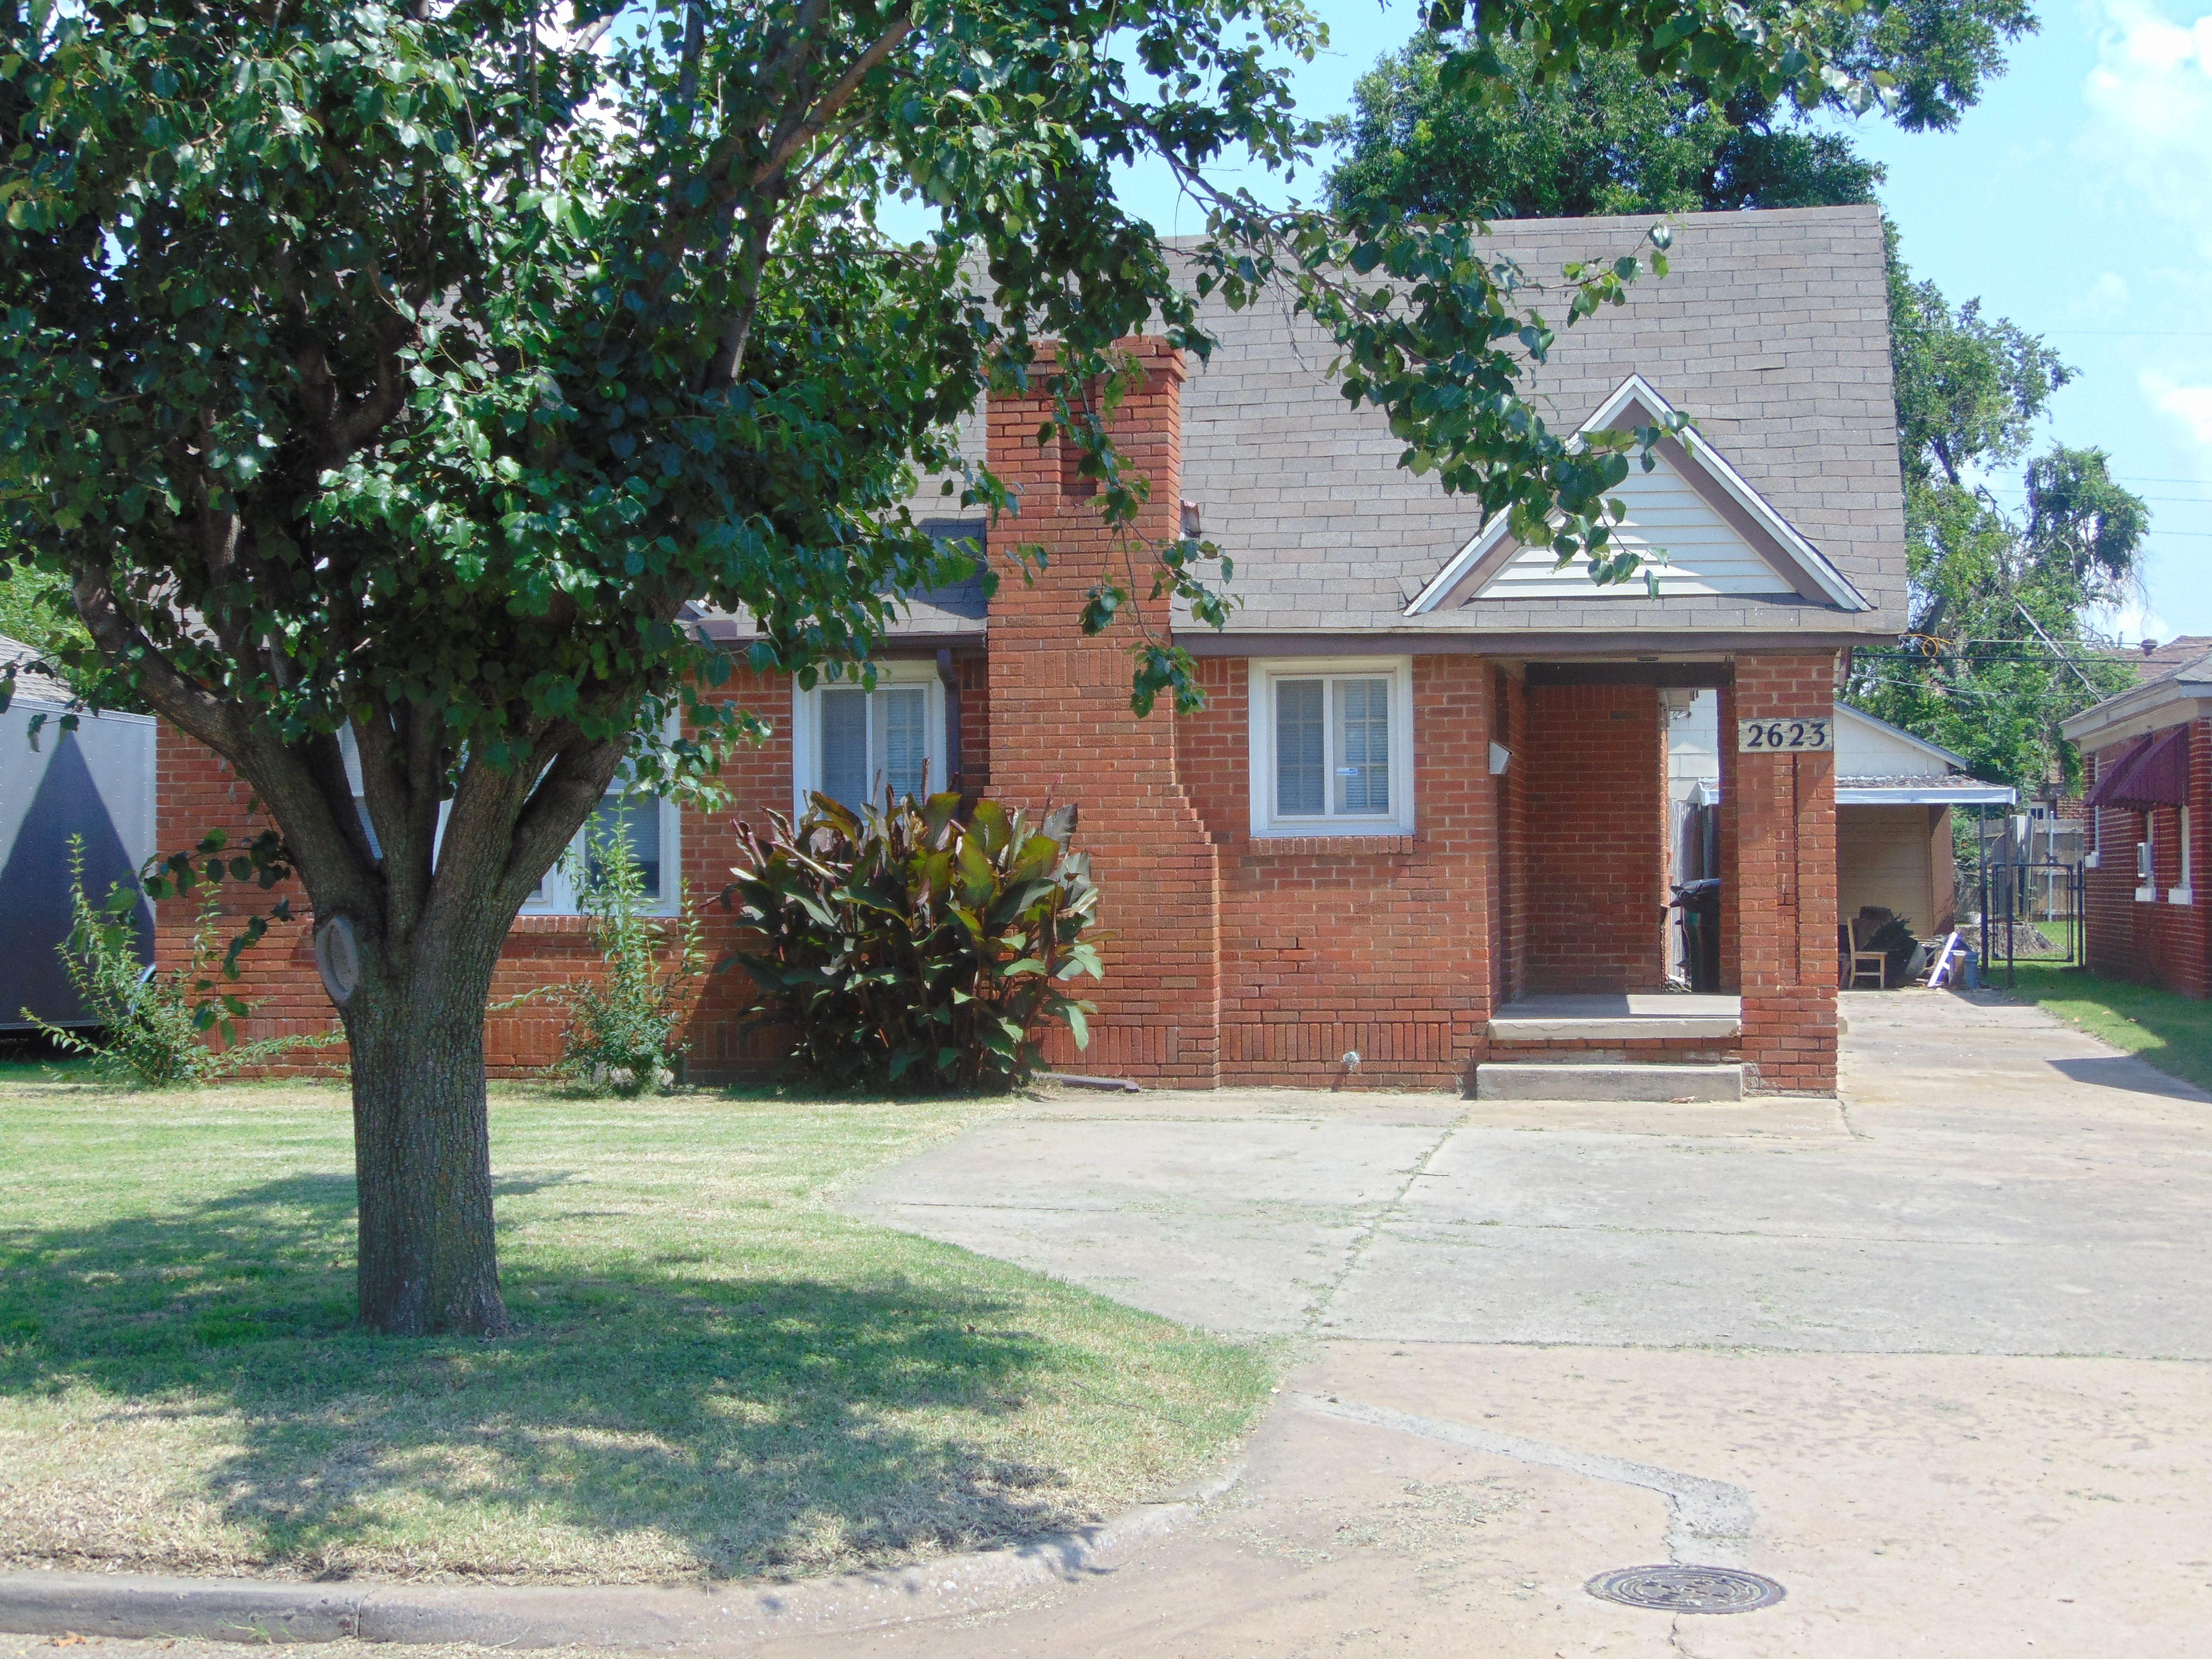 2623 NW 12th St, Oklahoma City, OK